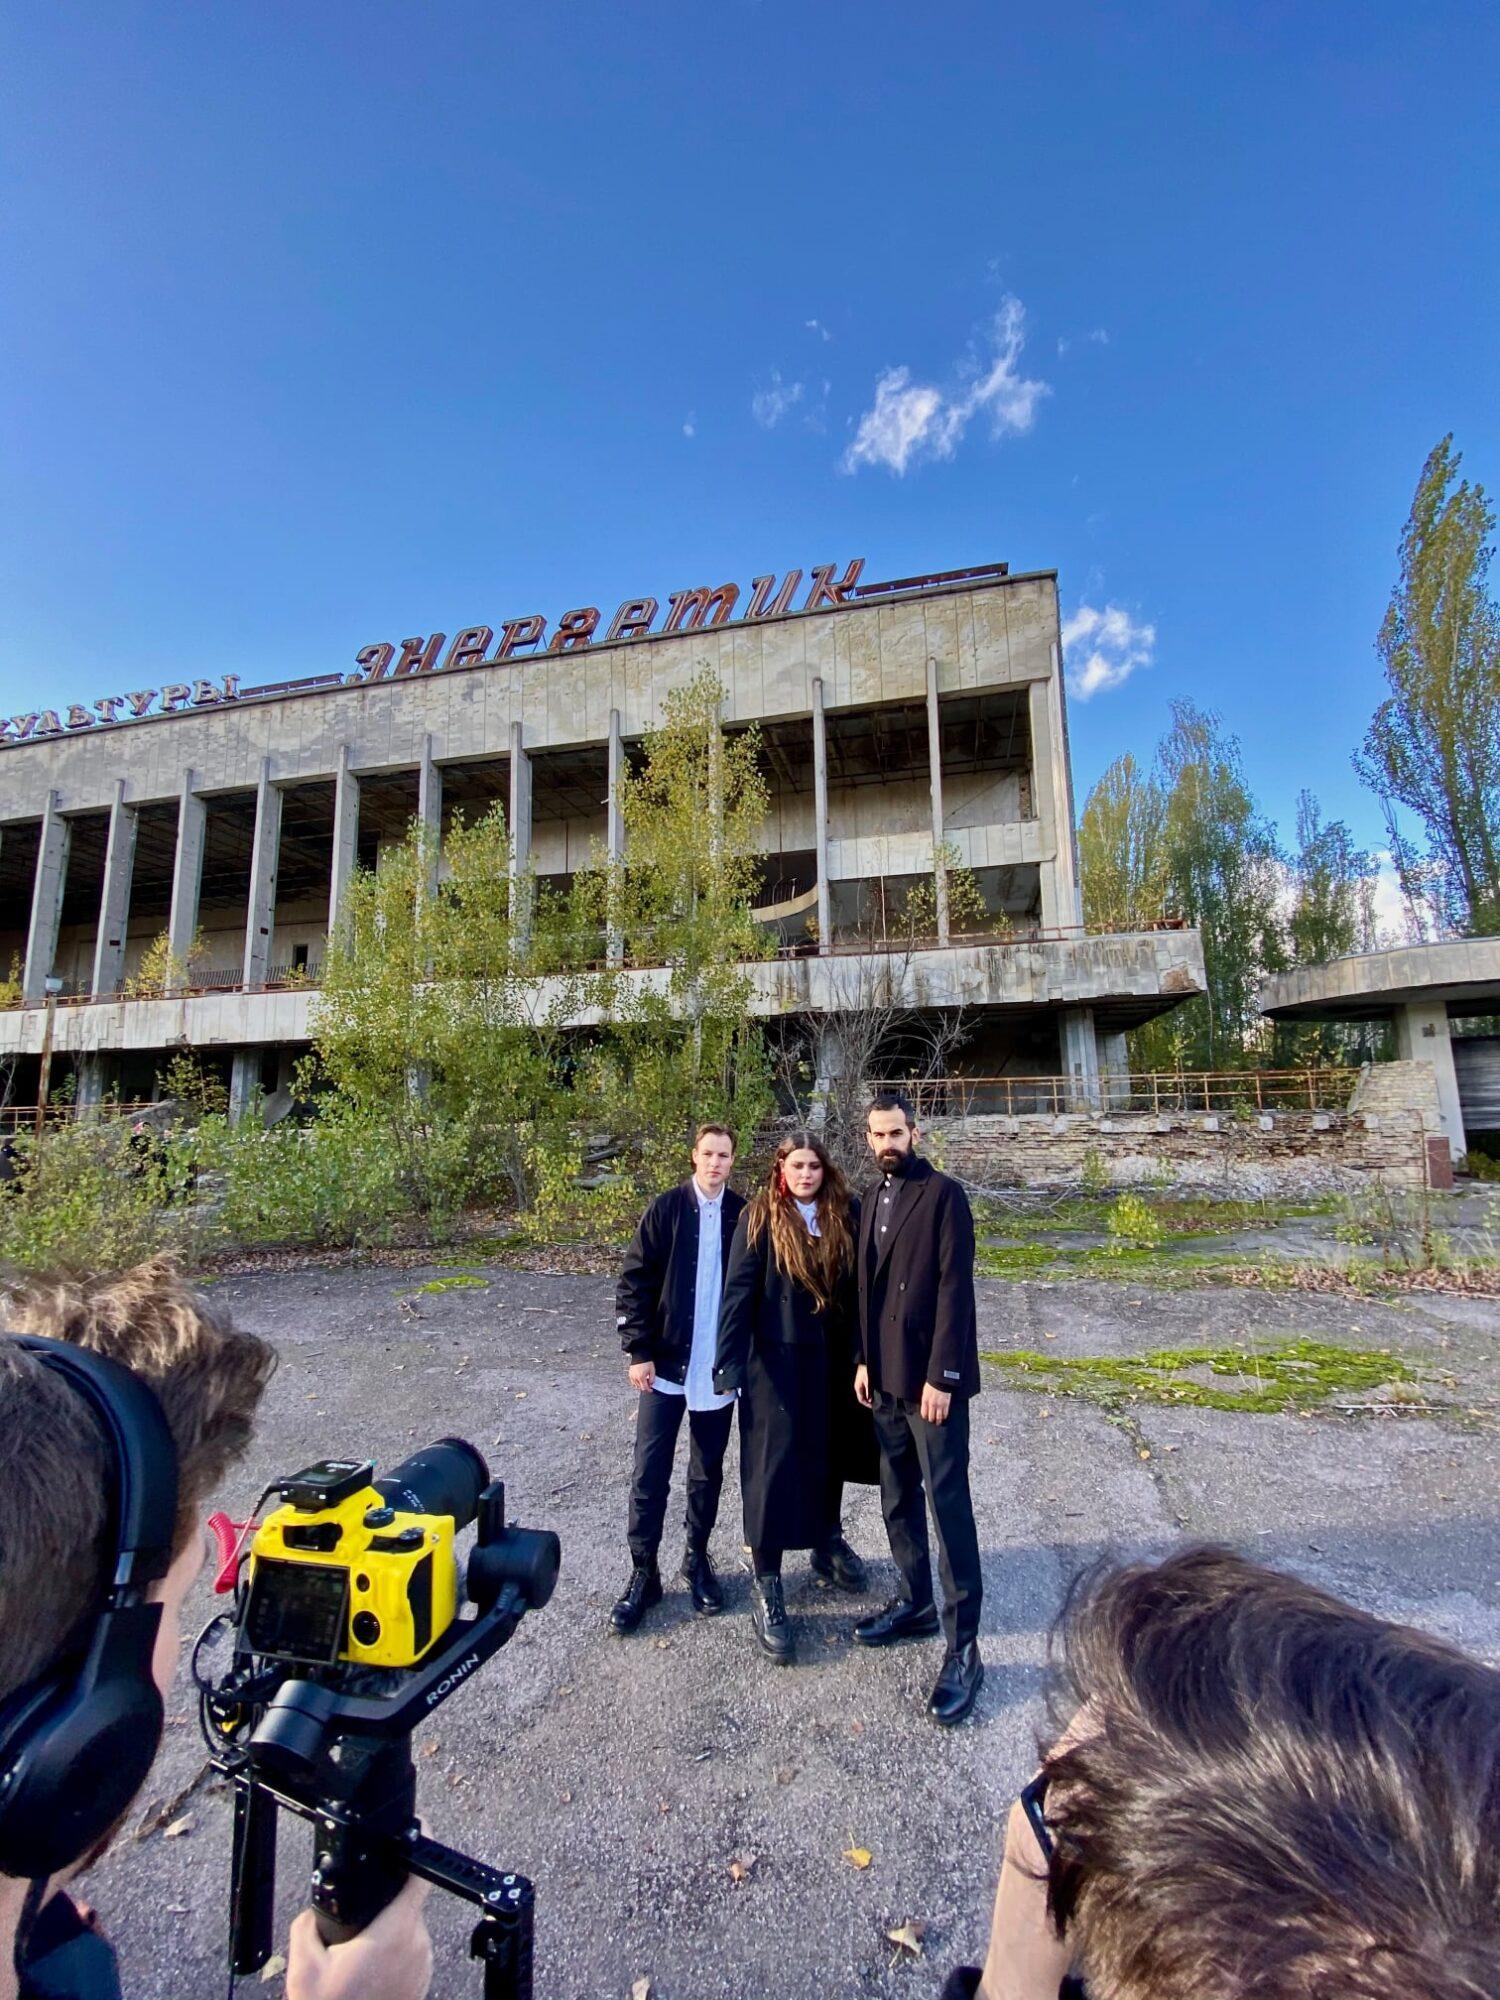 «Звуки Чорнобиля»: до реалізації проєкту долучився гурт KAZKA - Проєкт, музика - 122091469 3962790520417703 3919954744457805338 o 1500x2000